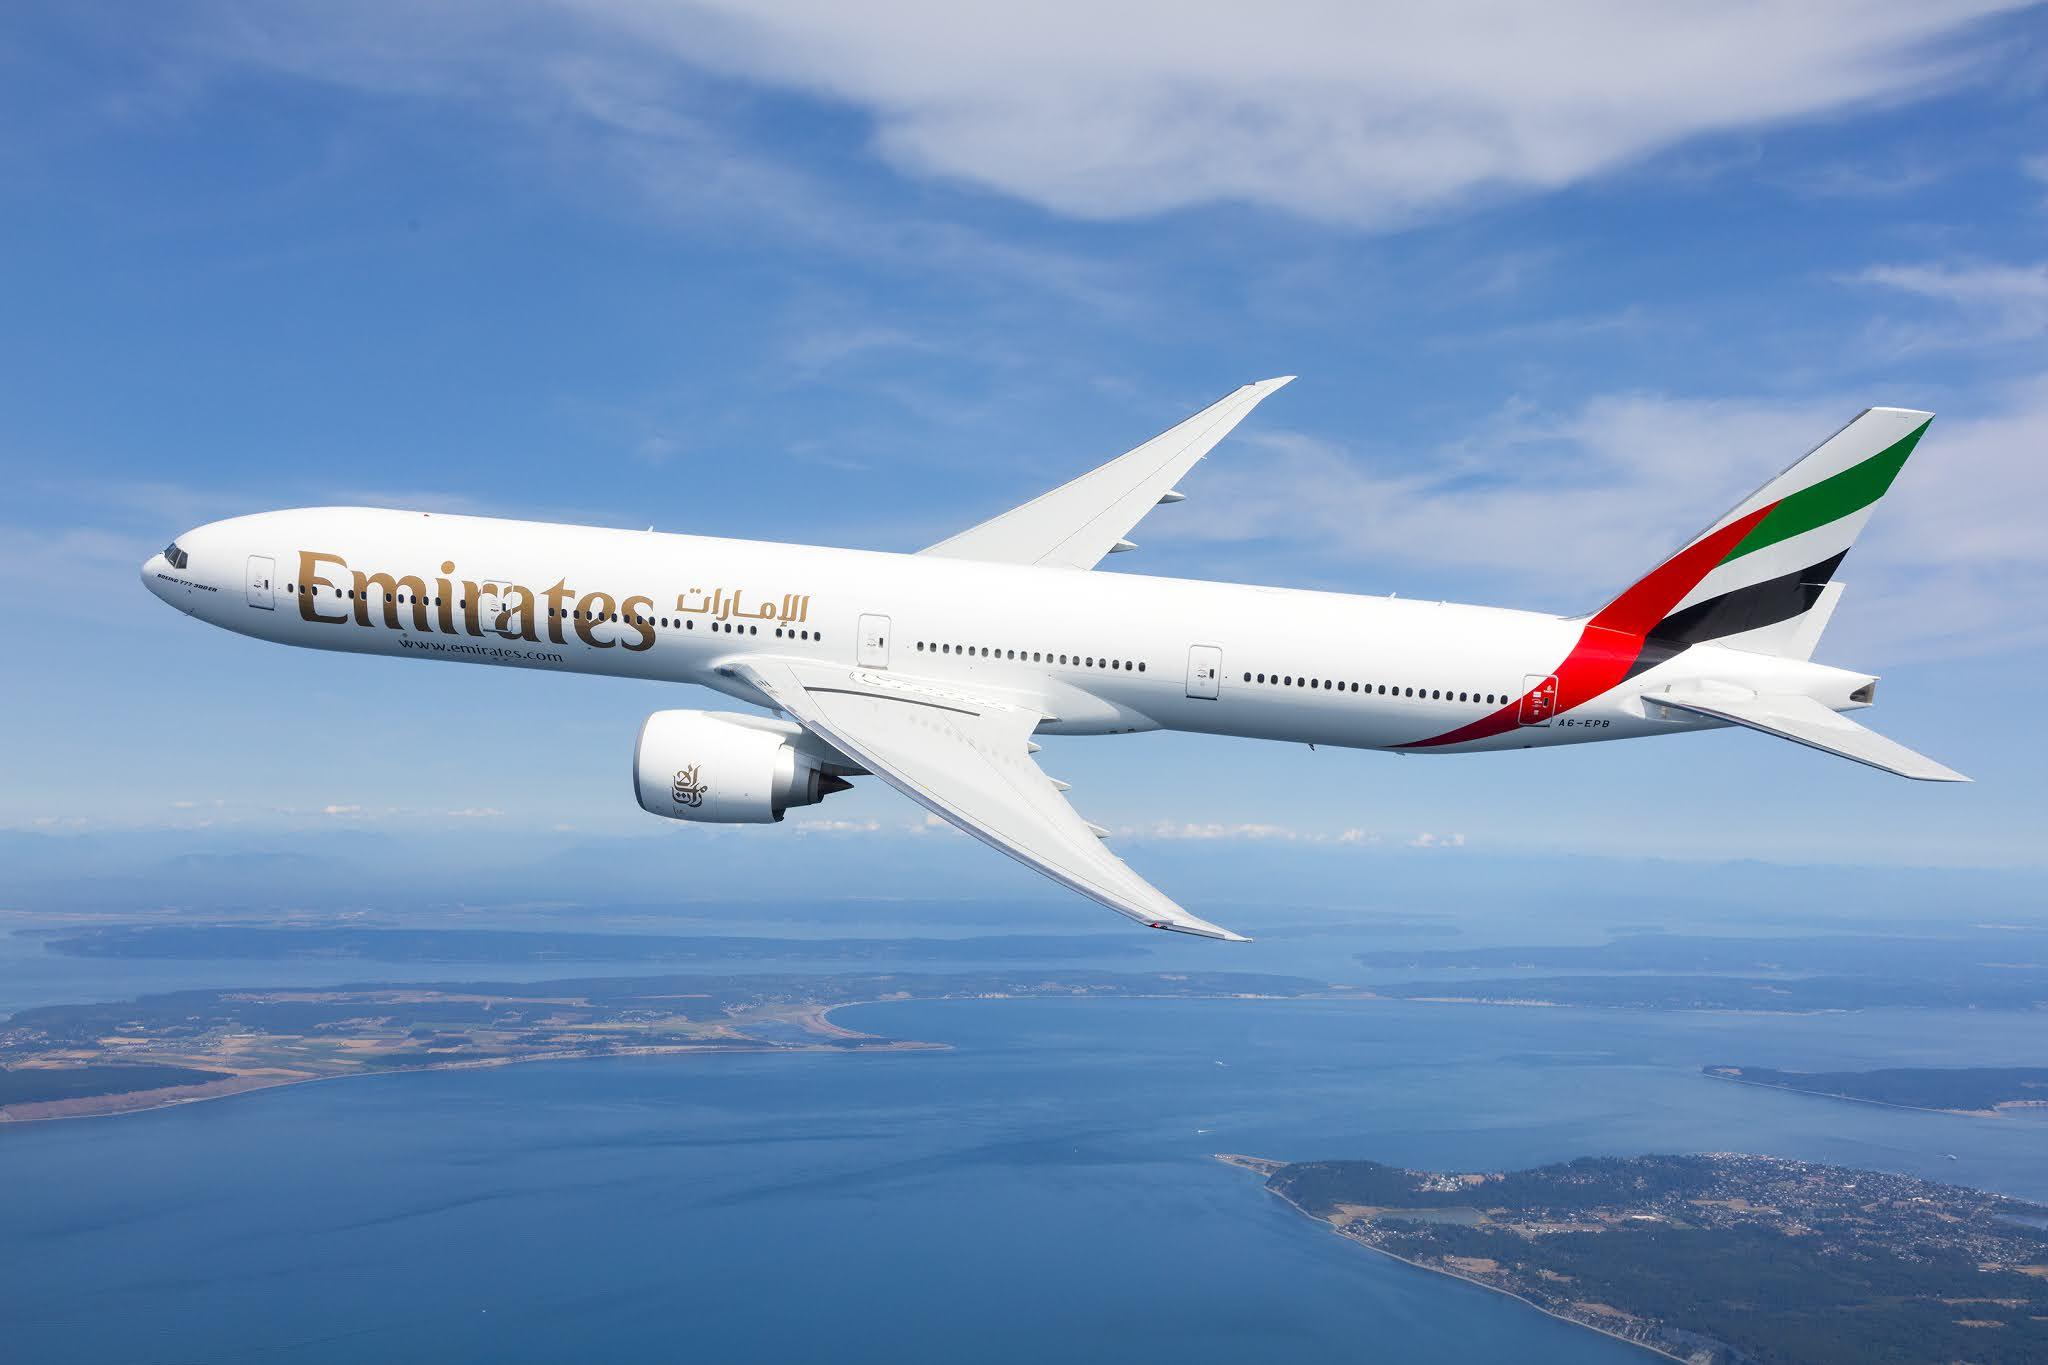 صيف دبي يجذب المسافرين وفقا لتقارير طيران الإمارات Emirates السياحية